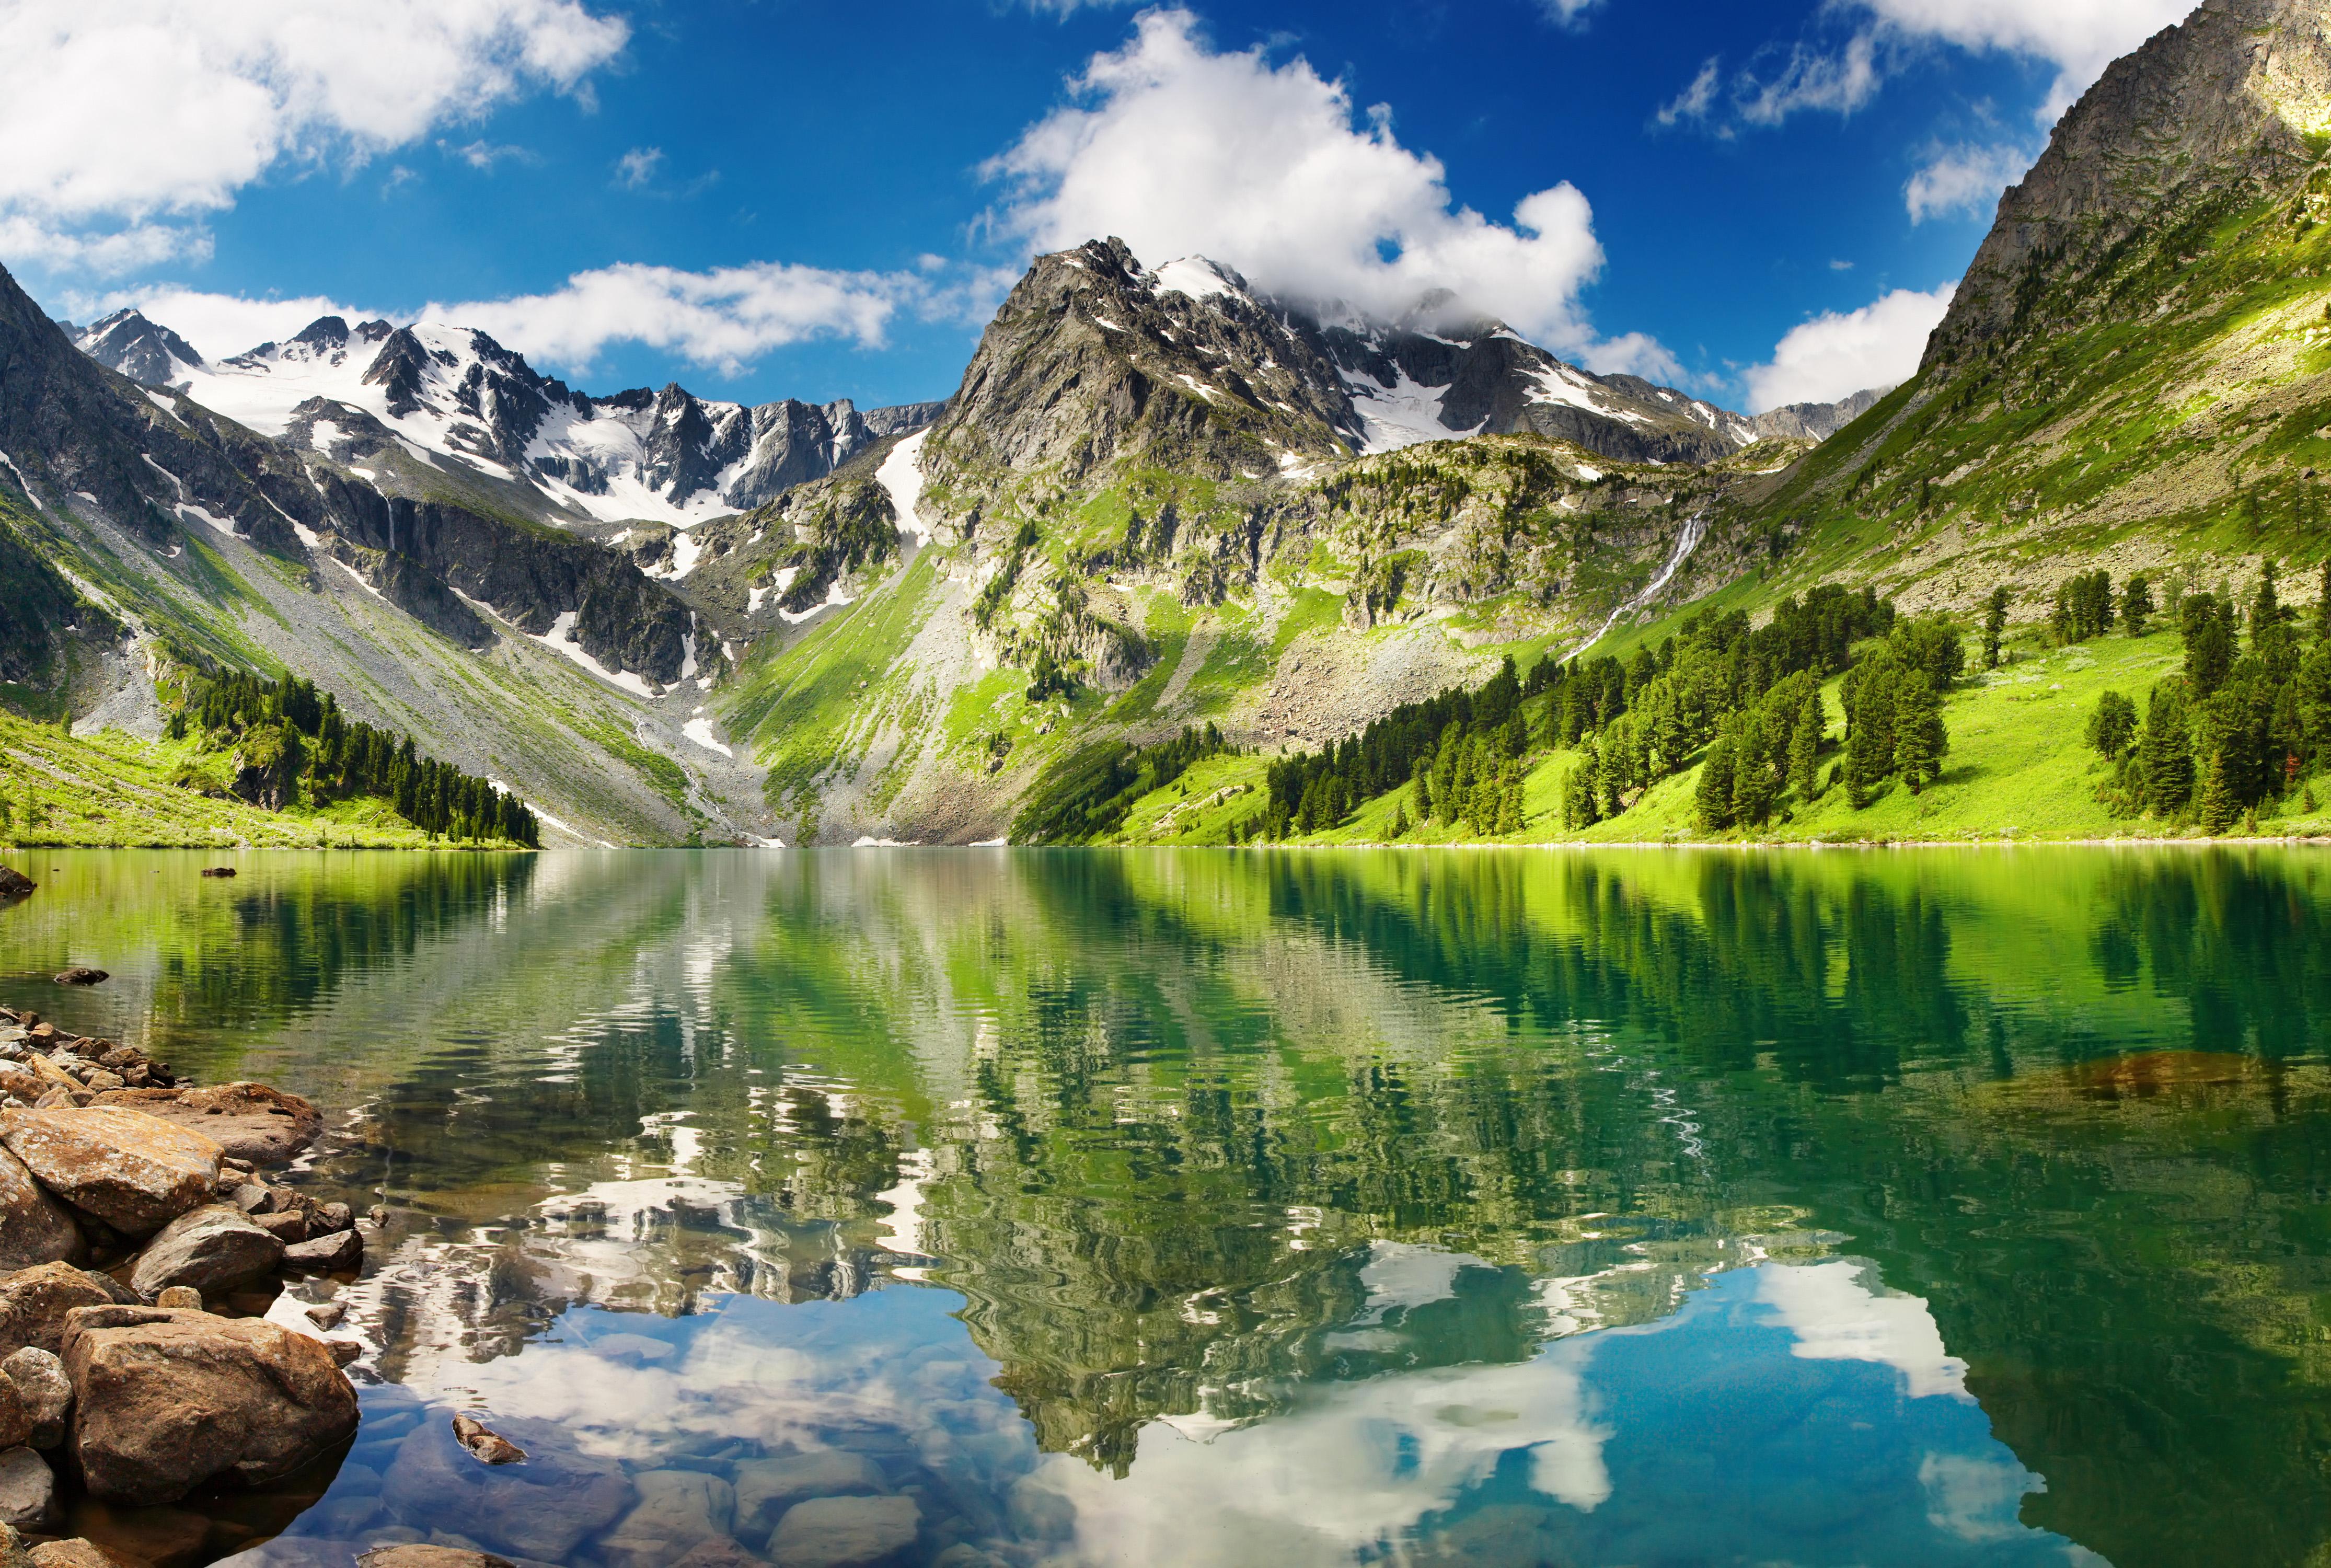 Природа в картинках с высоким разрешением